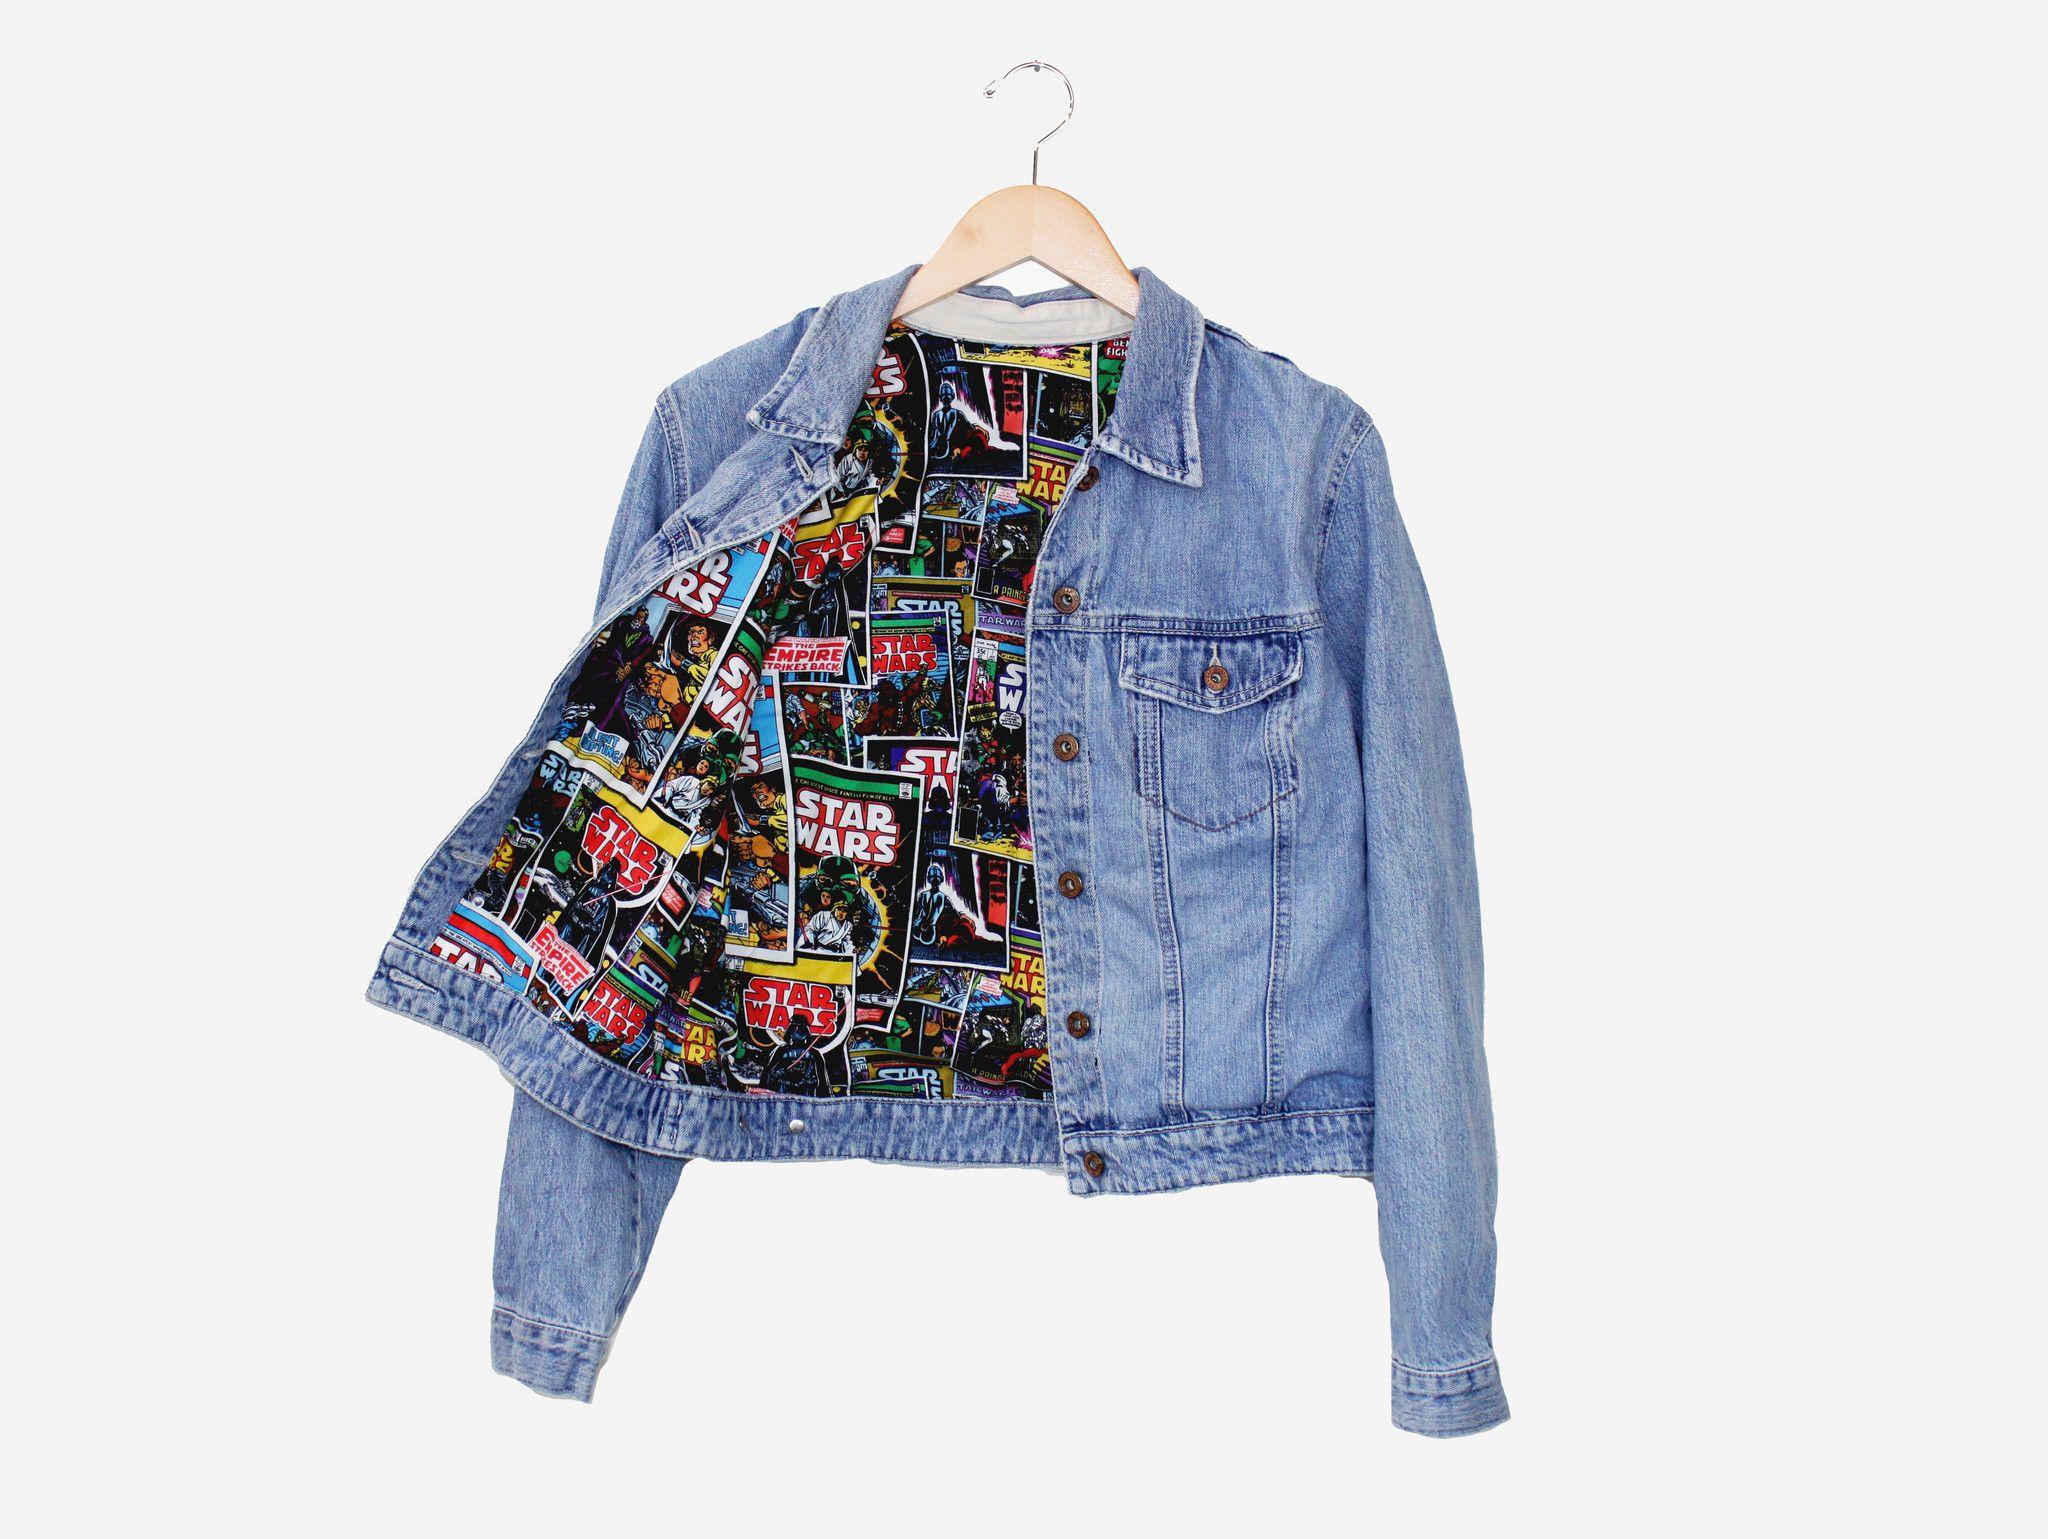 Star Wars Lined Denim Jacket | Lined denim jacket, Vintage